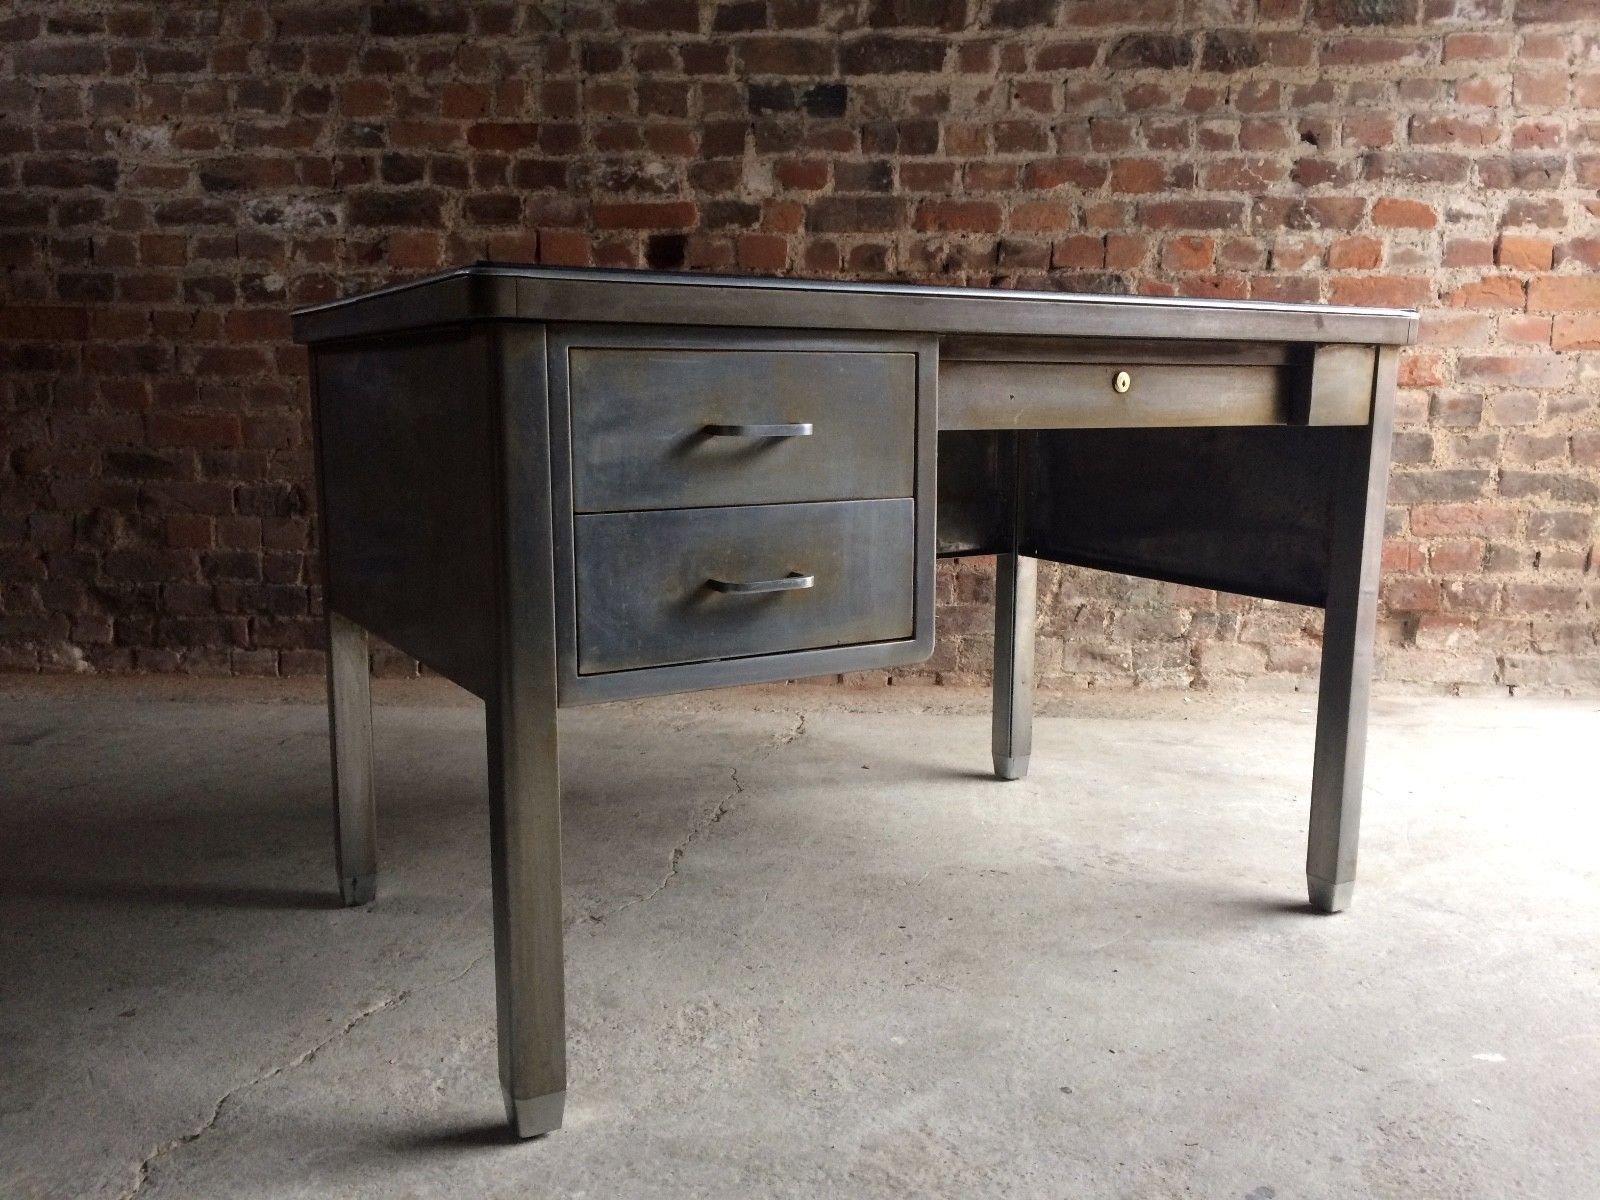 industrieller vintage schreibtisch aus stahl von robberechts bei pamono kaufen. Black Bedroom Furniture Sets. Home Design Ideas